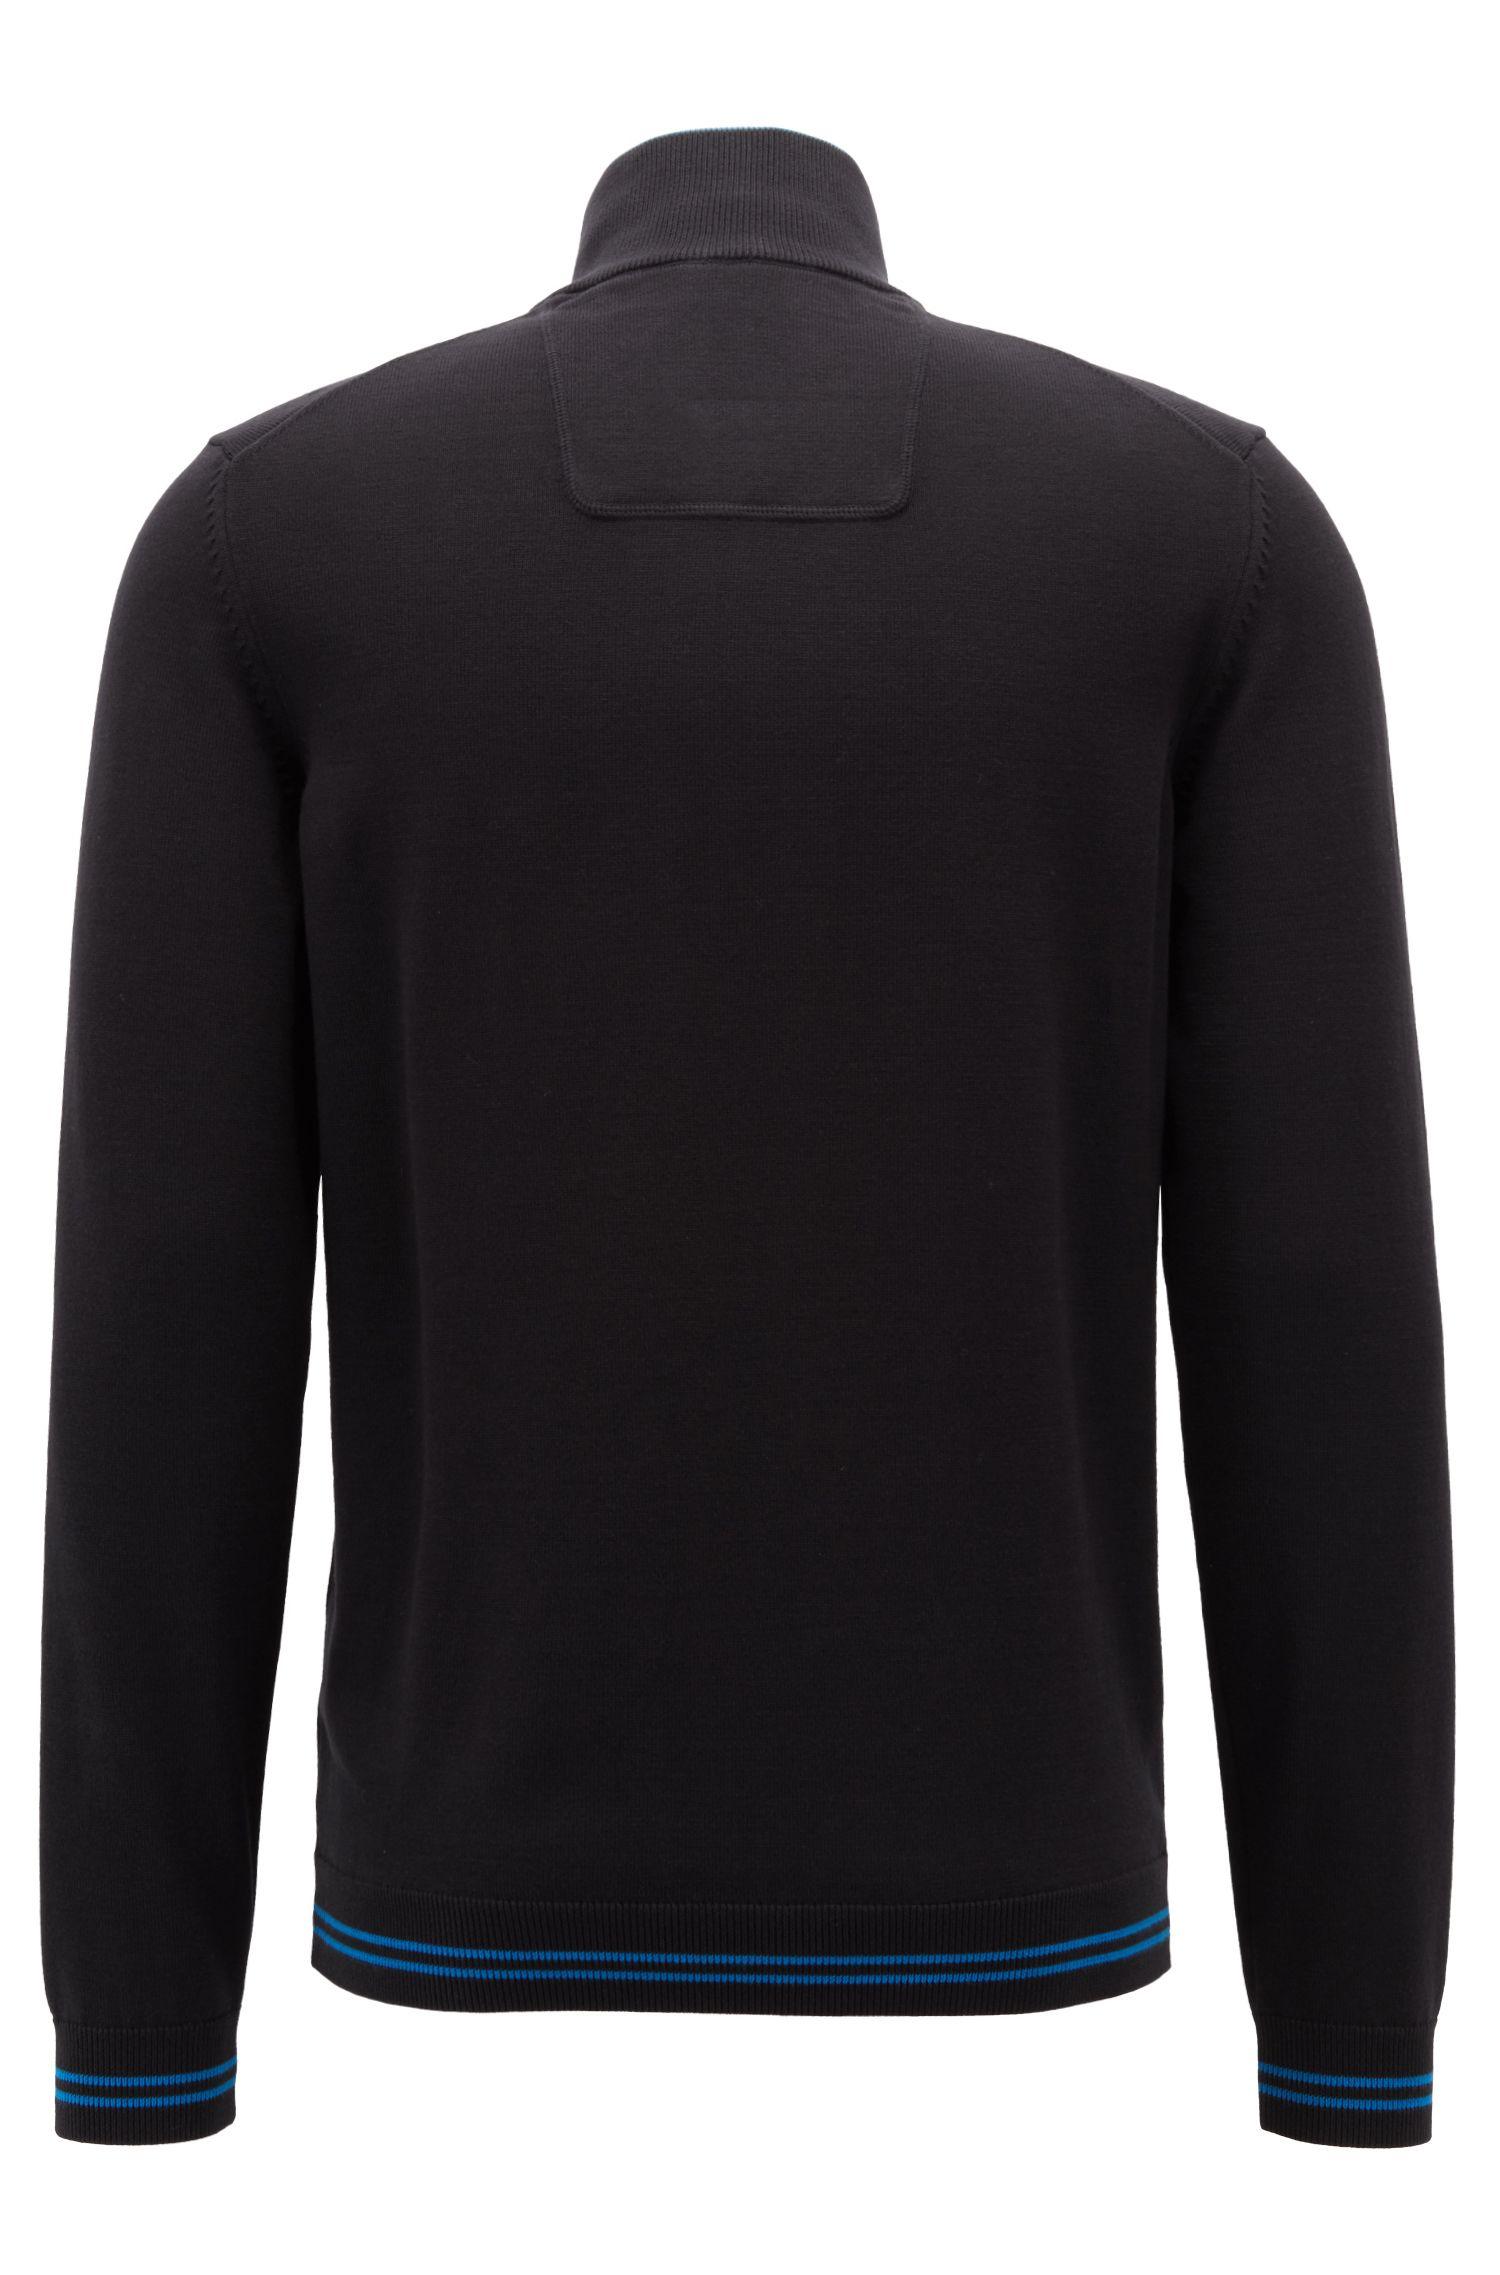 Maglione con colletto con zip in misto cotone lavorato, Nero